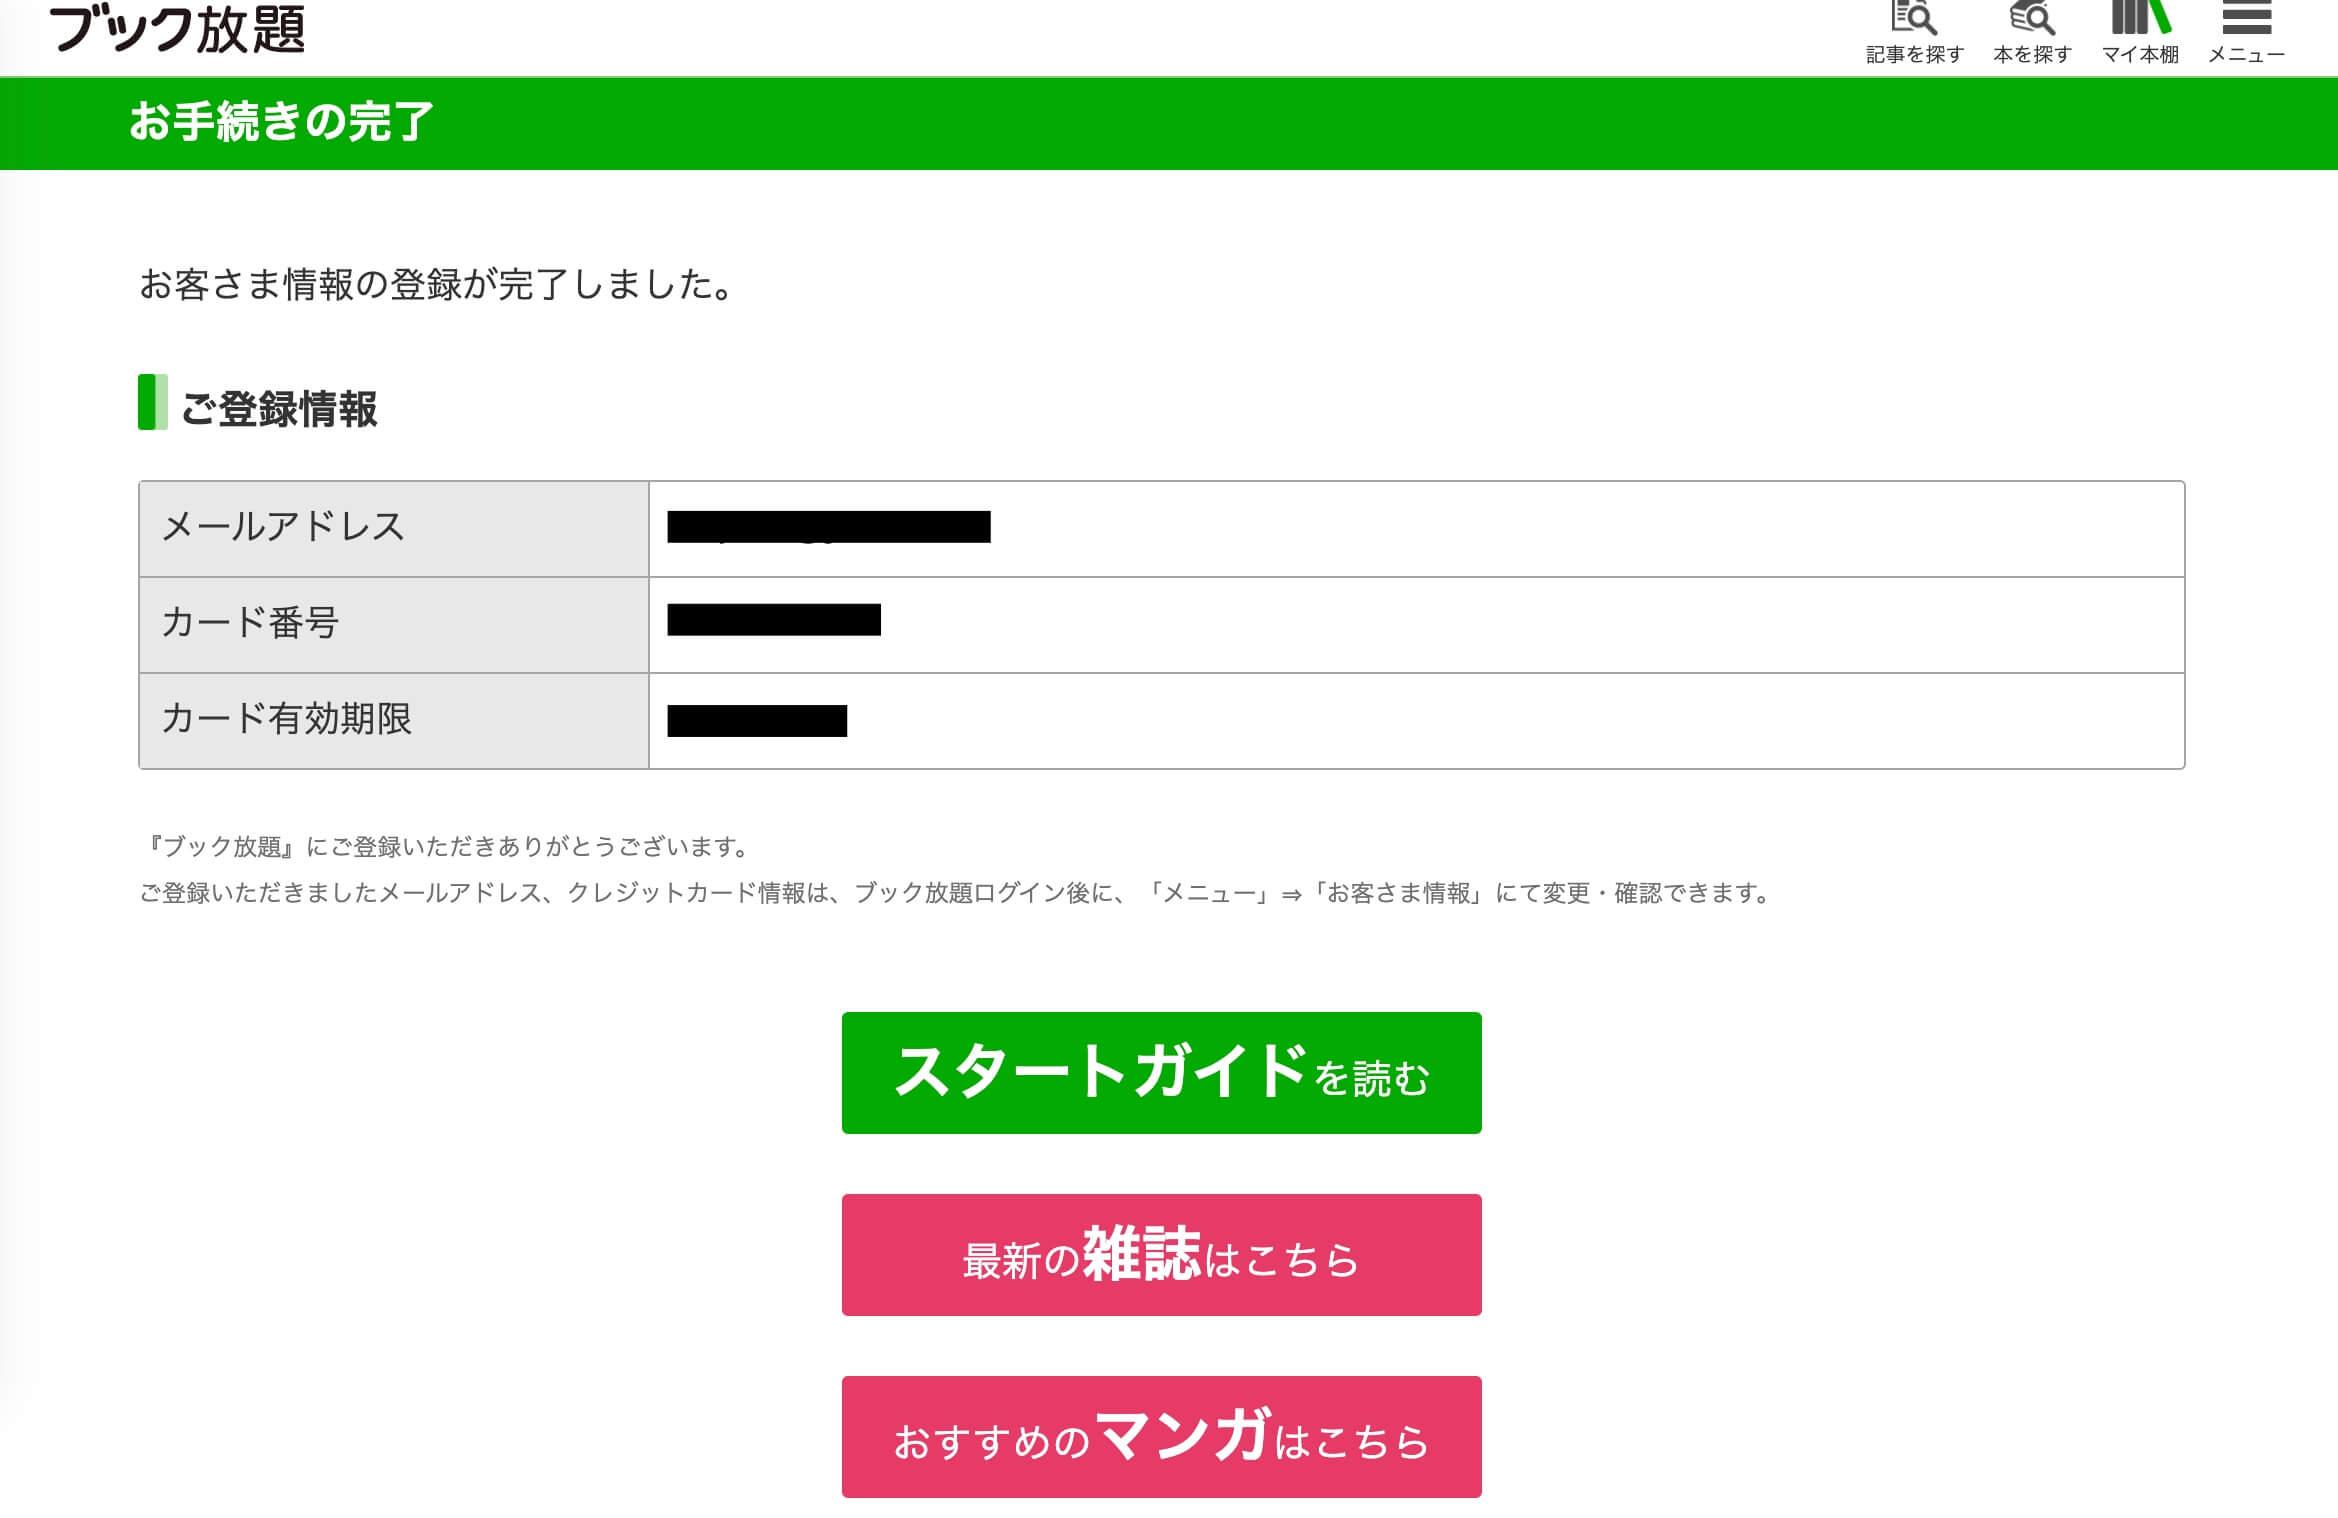 ブック放題新規登録方法